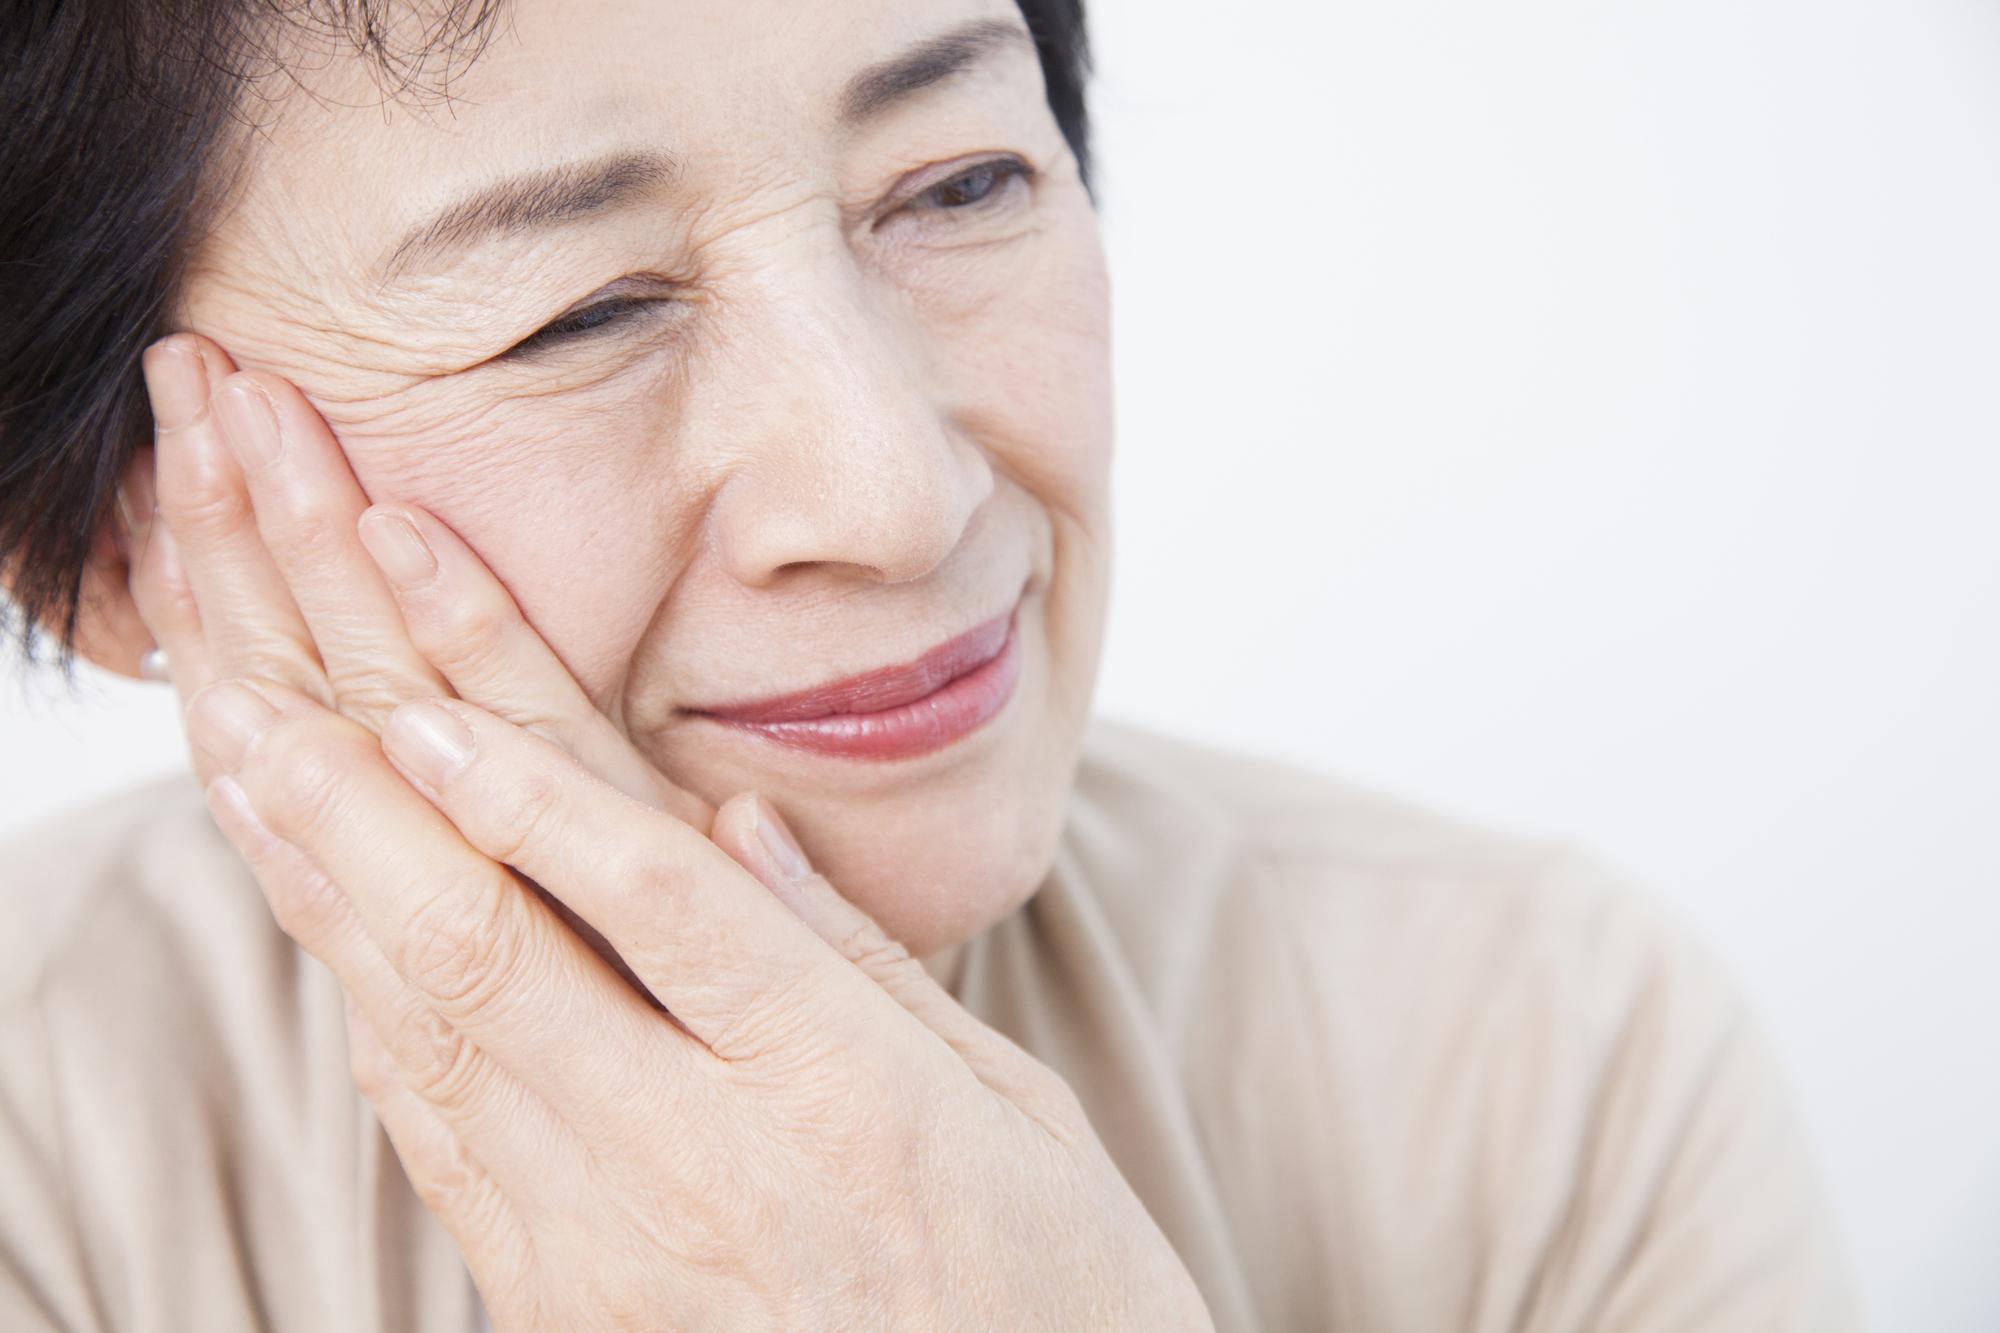 歯周病 歯周炎(歯槽膿漏)